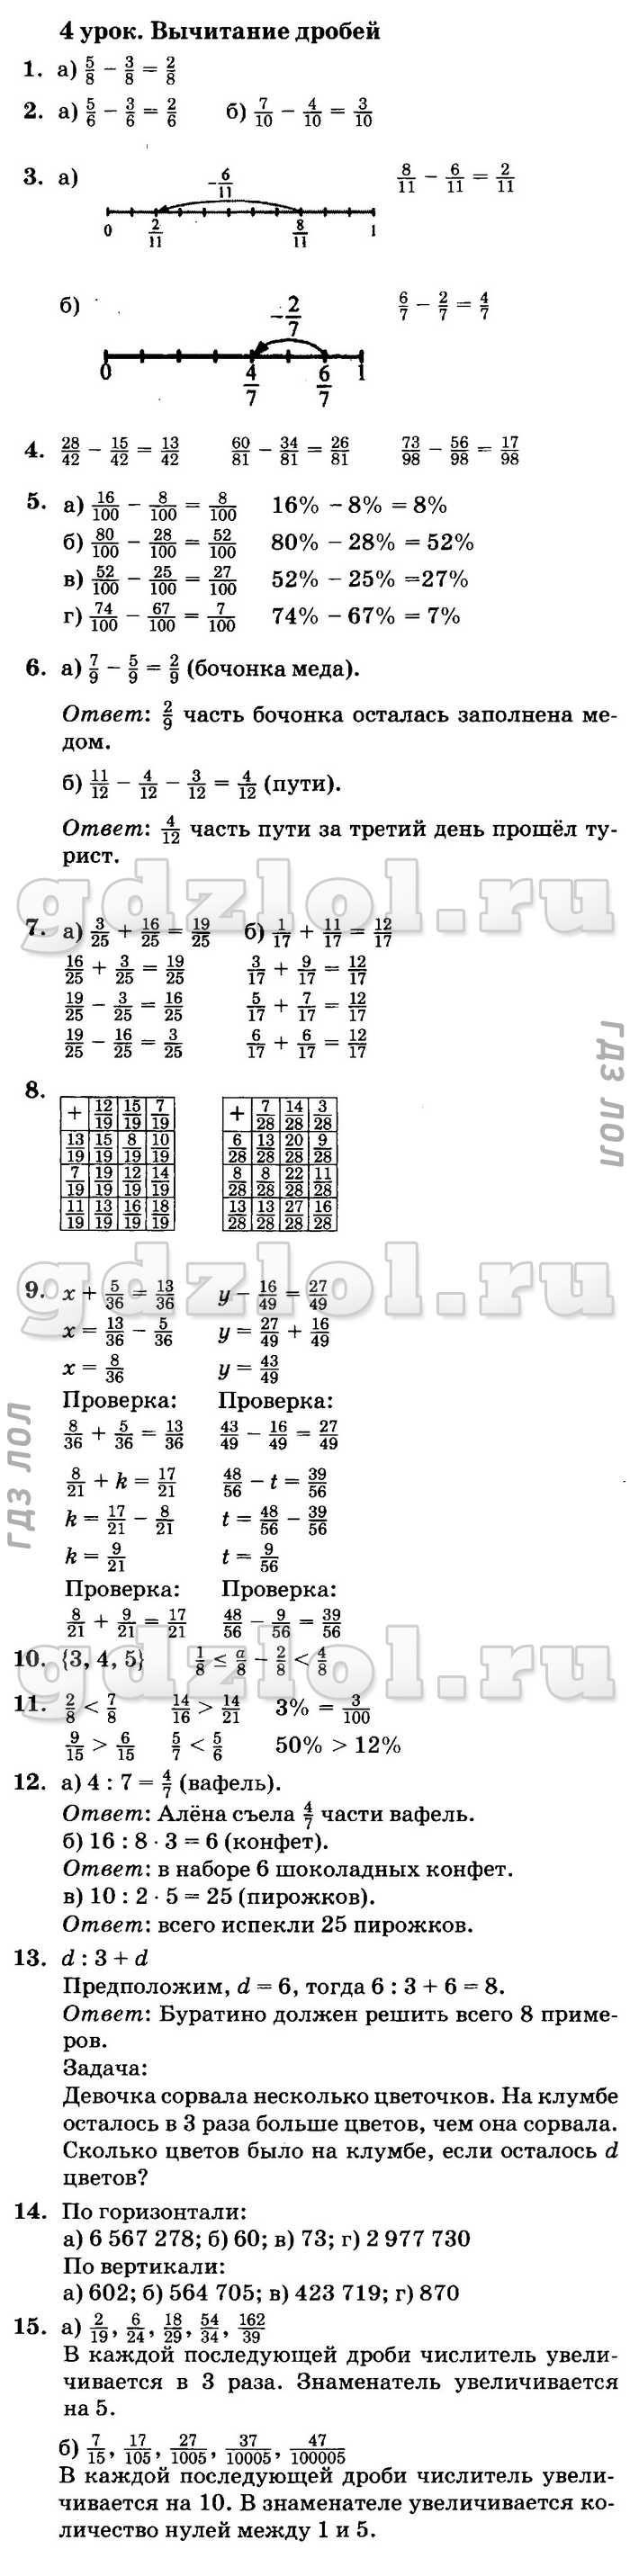 Готовые домашние задания по математике н в богомолов